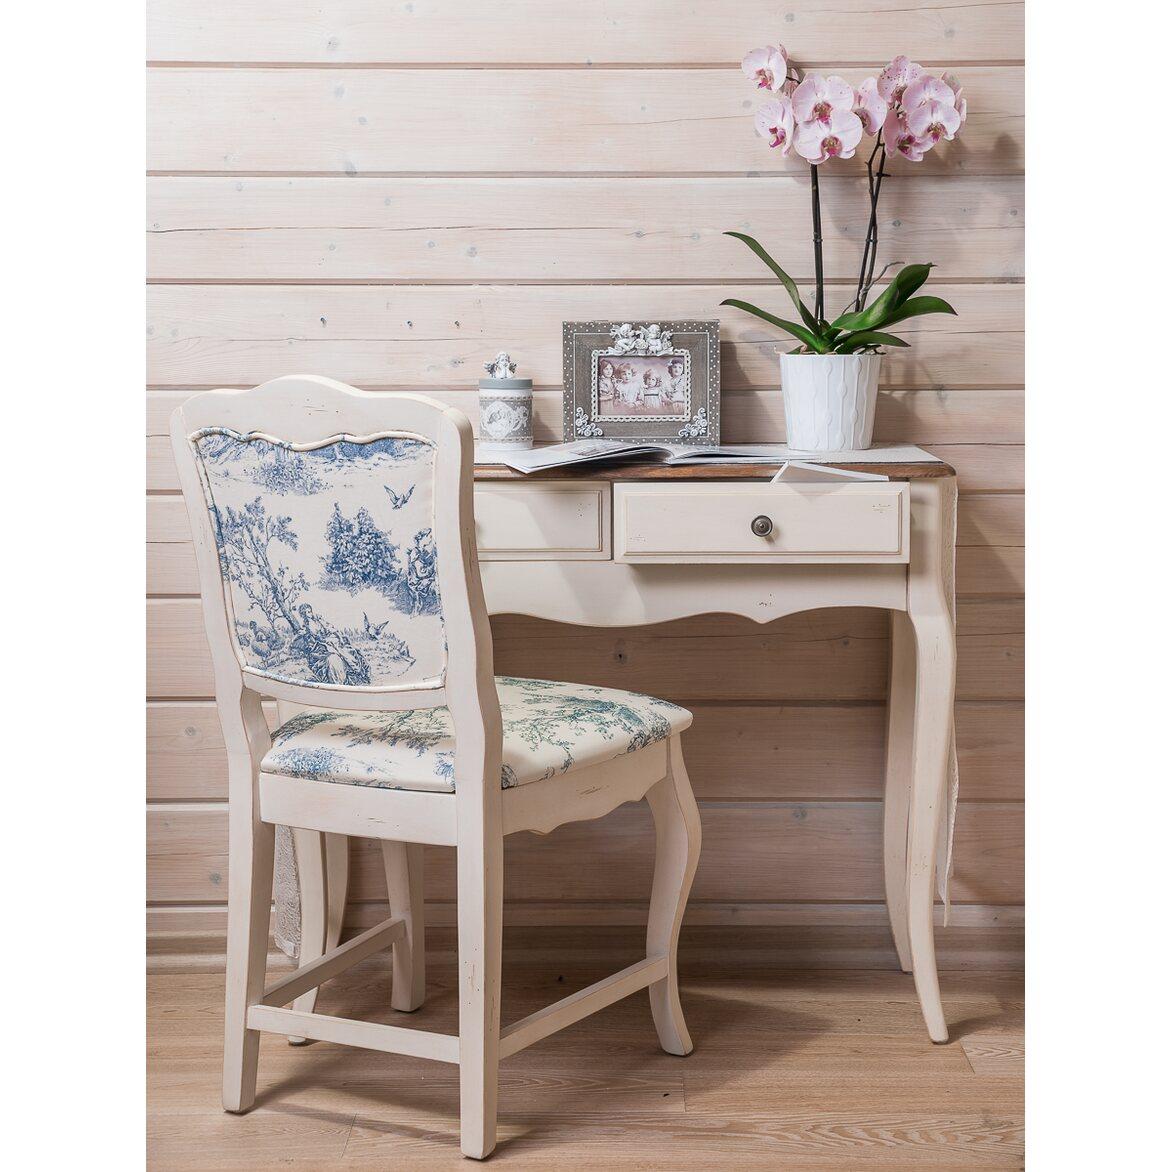 Стул Leontina с мягким сиденьем, бежевого цвета 3 | Обеденные стулья Kingsby